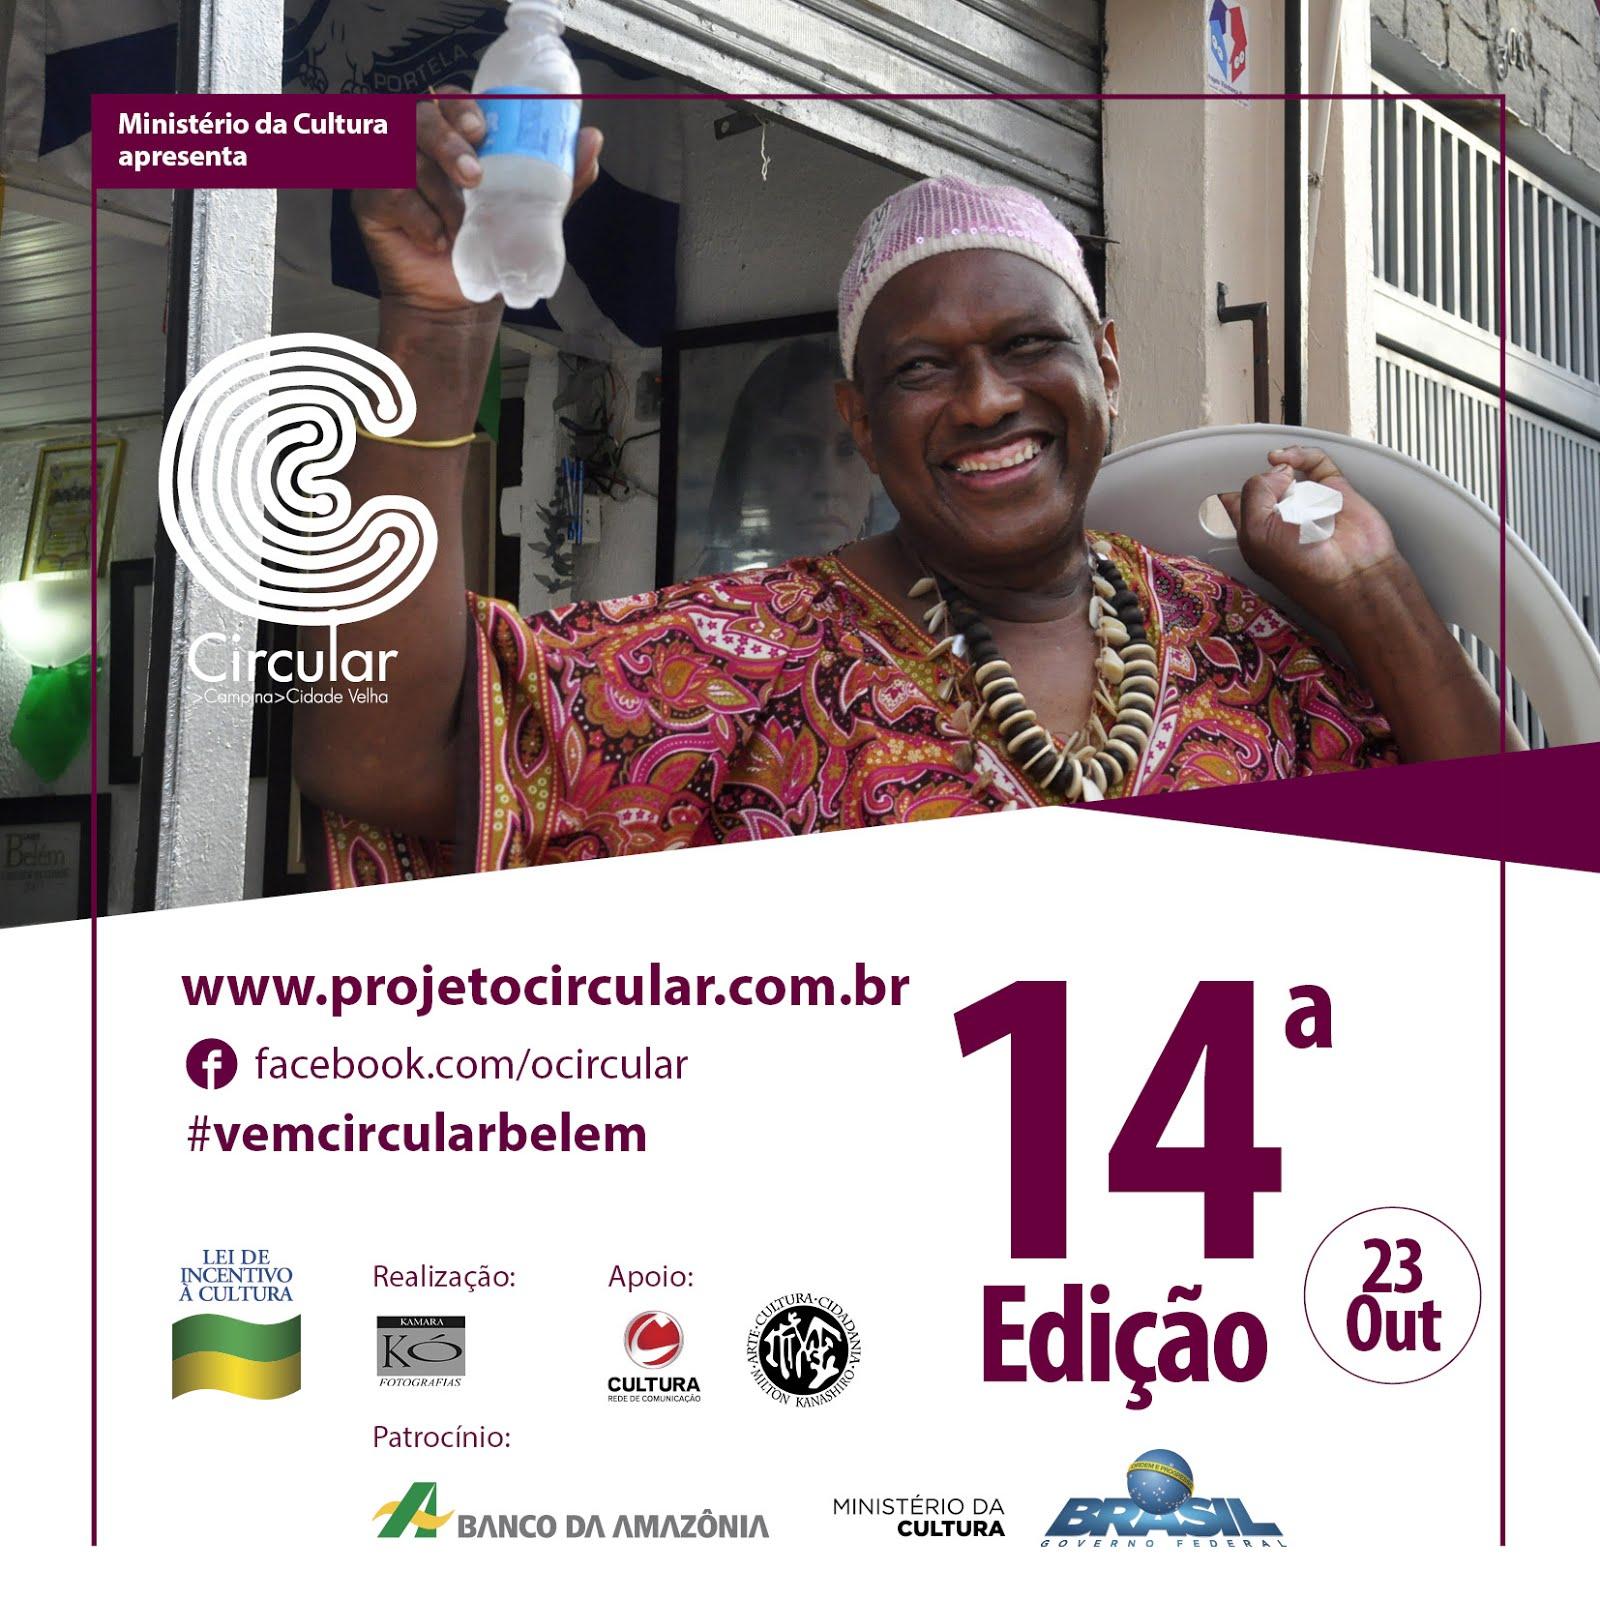 DOMINGO, 23 DE OUTUBRO